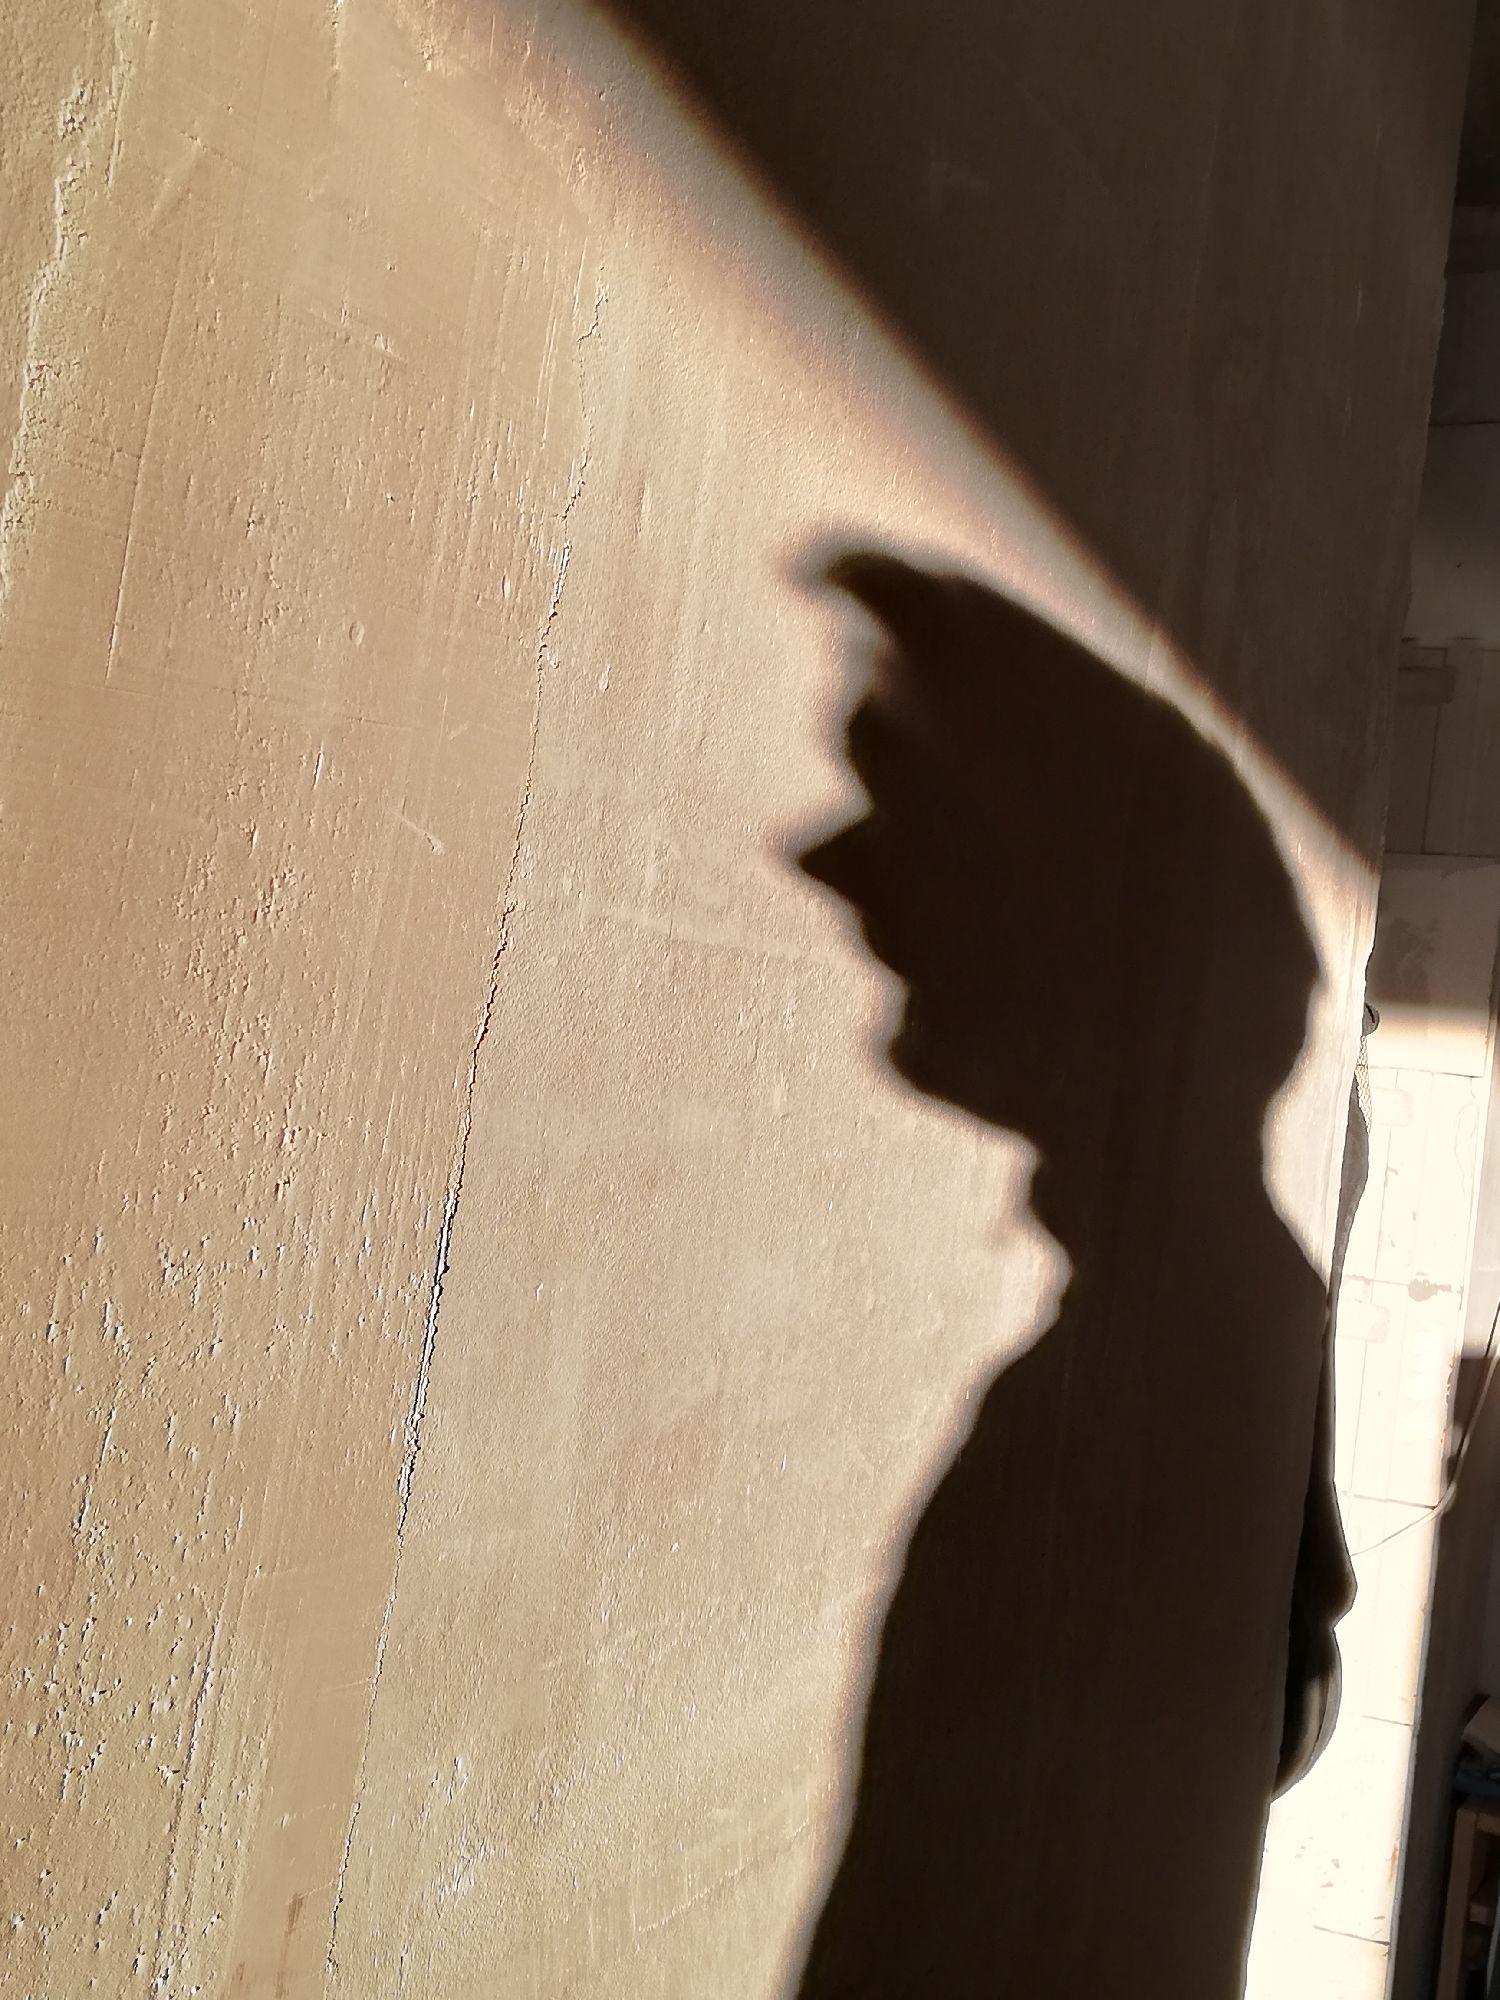 Дай ка сфоткаю свою тень..